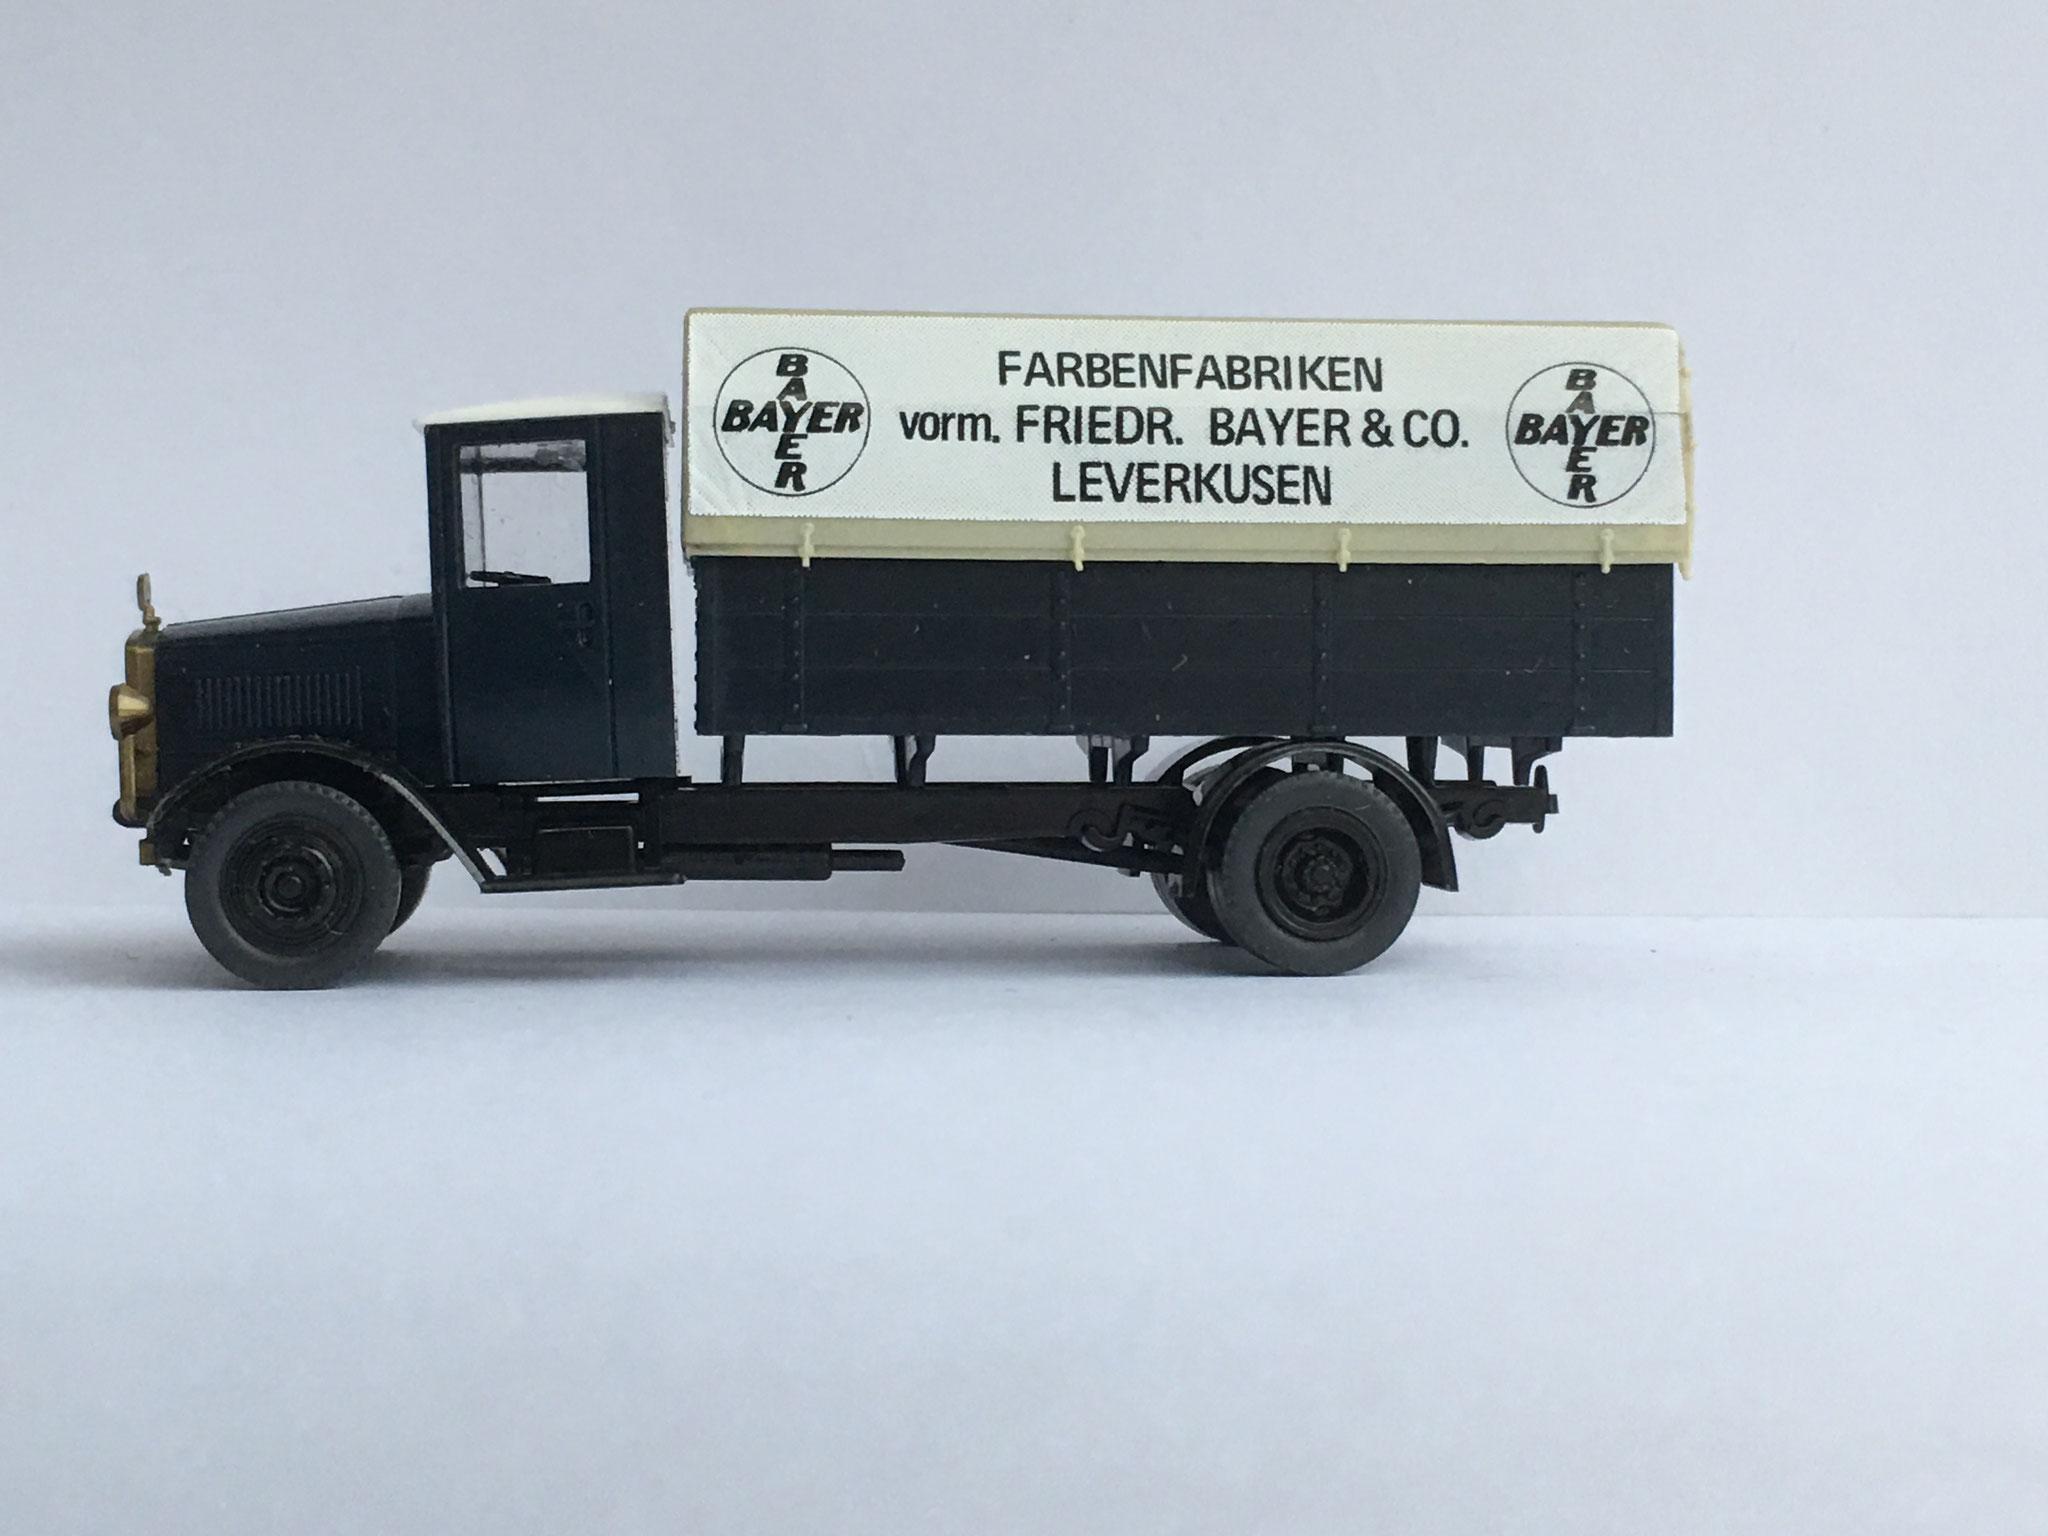 Mercedes L5, Pritschenwagen mit Plane, Farbenfabrik Bayer, Art. Nr. HA-2004 (Lemke), 1989